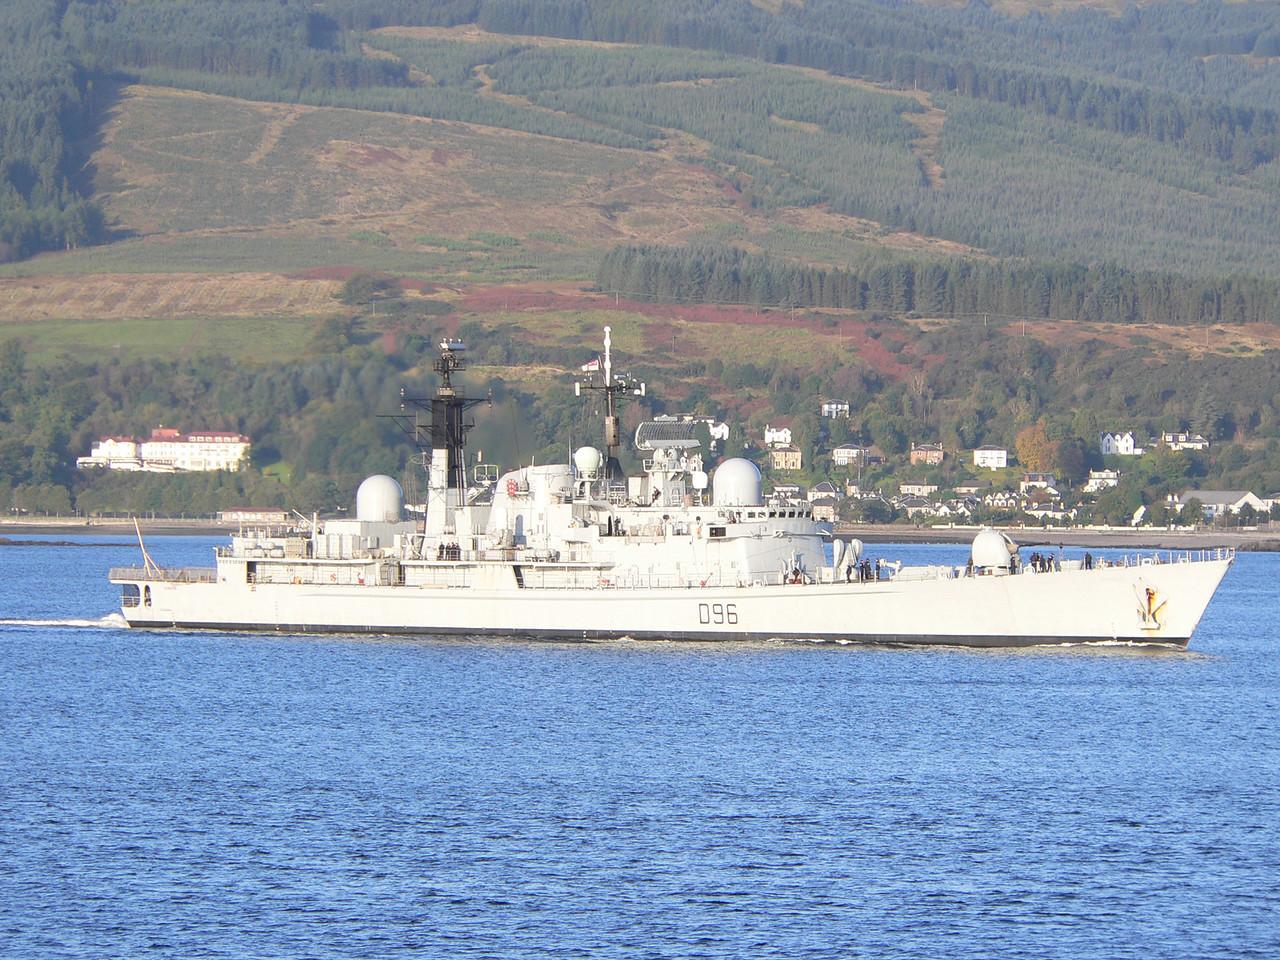 D-96 HMS GLOUCESTER